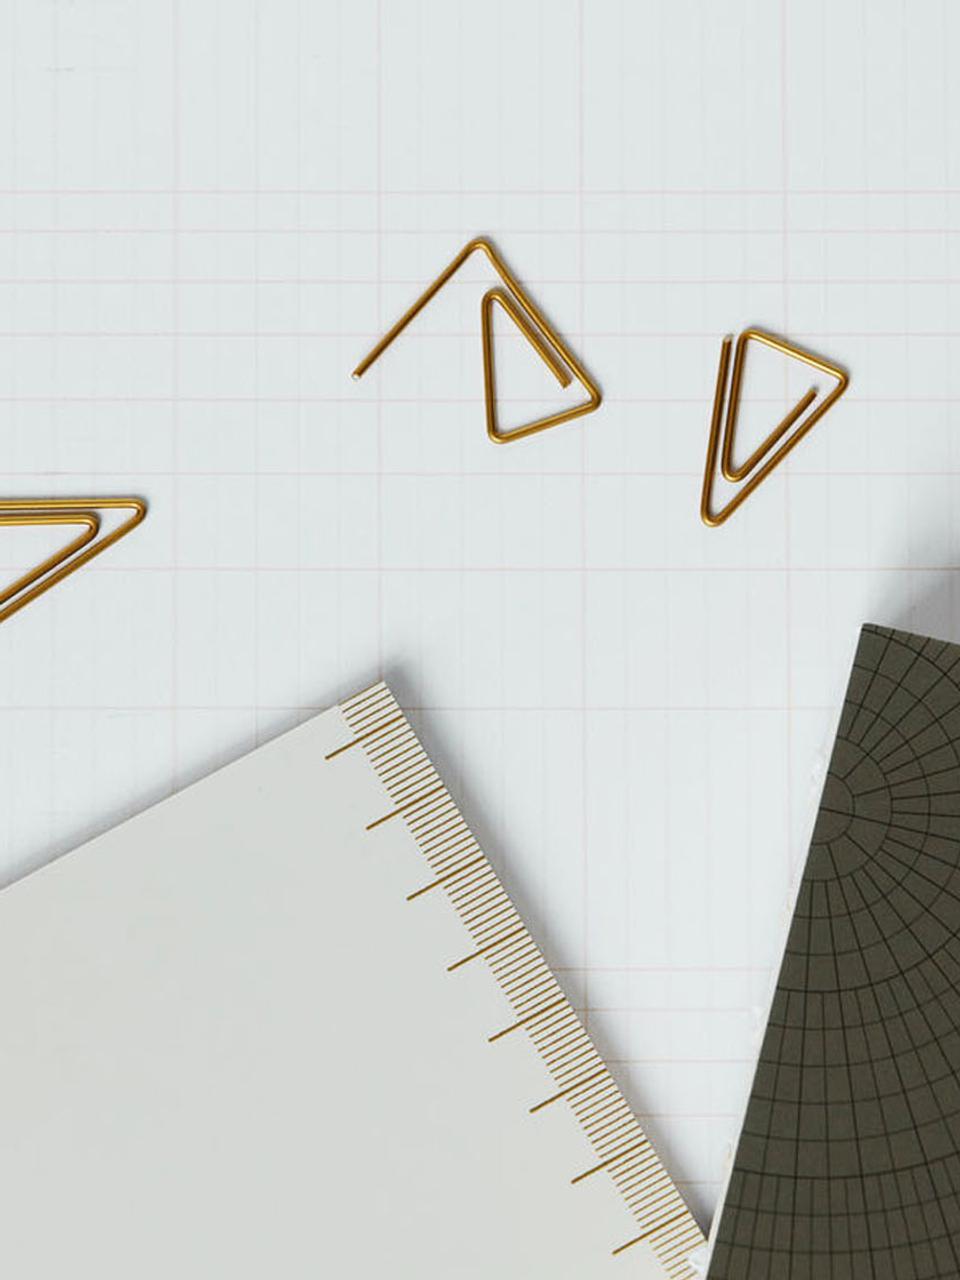 Büroklammern Triangle, 20 Stück, Edelstahl, vermessingt, Messing, L 3 cm